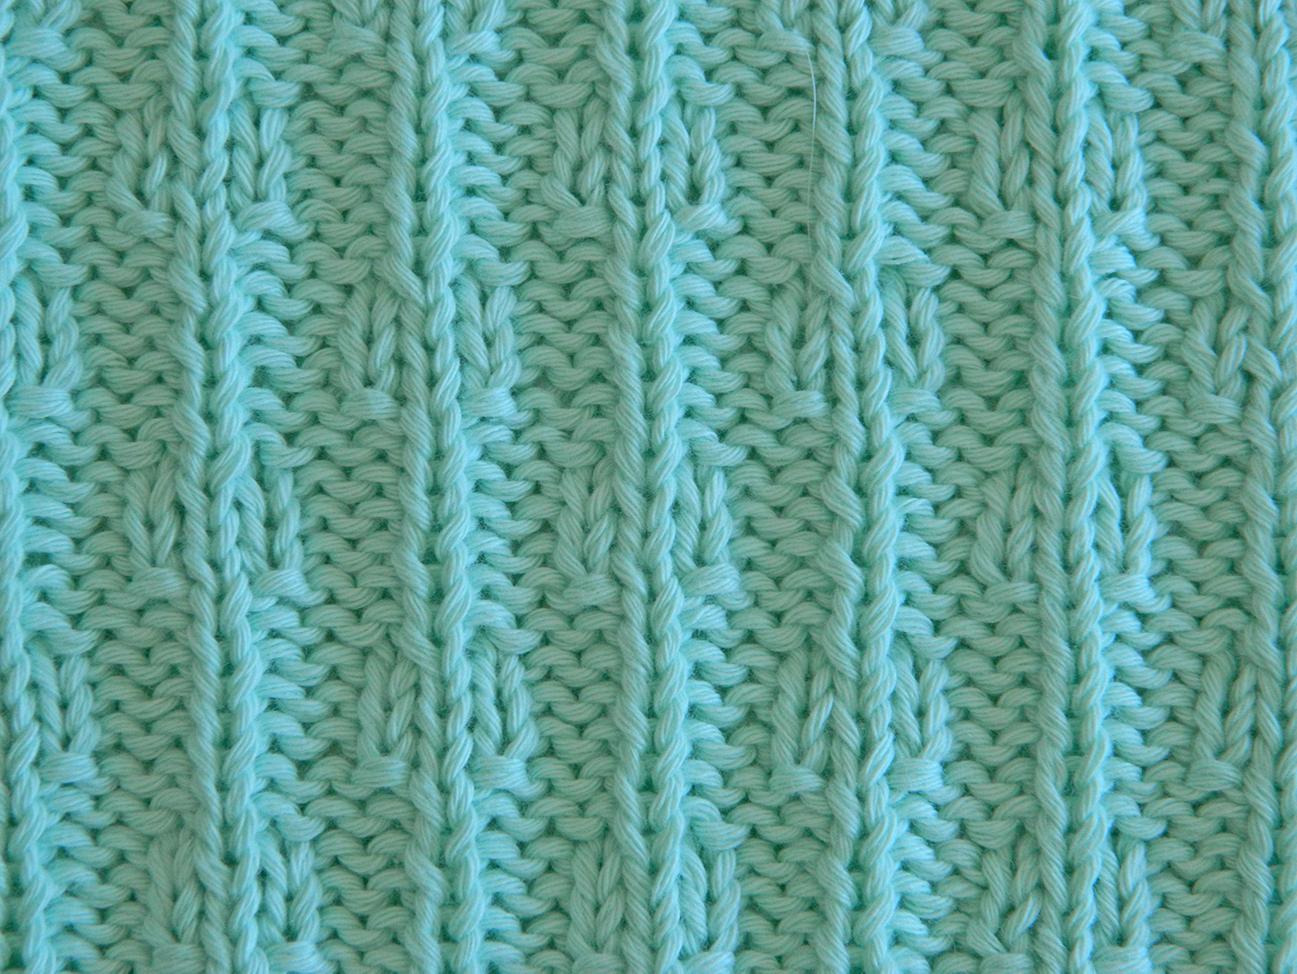 trapo tejido cadenas patrón cuadrado mantas